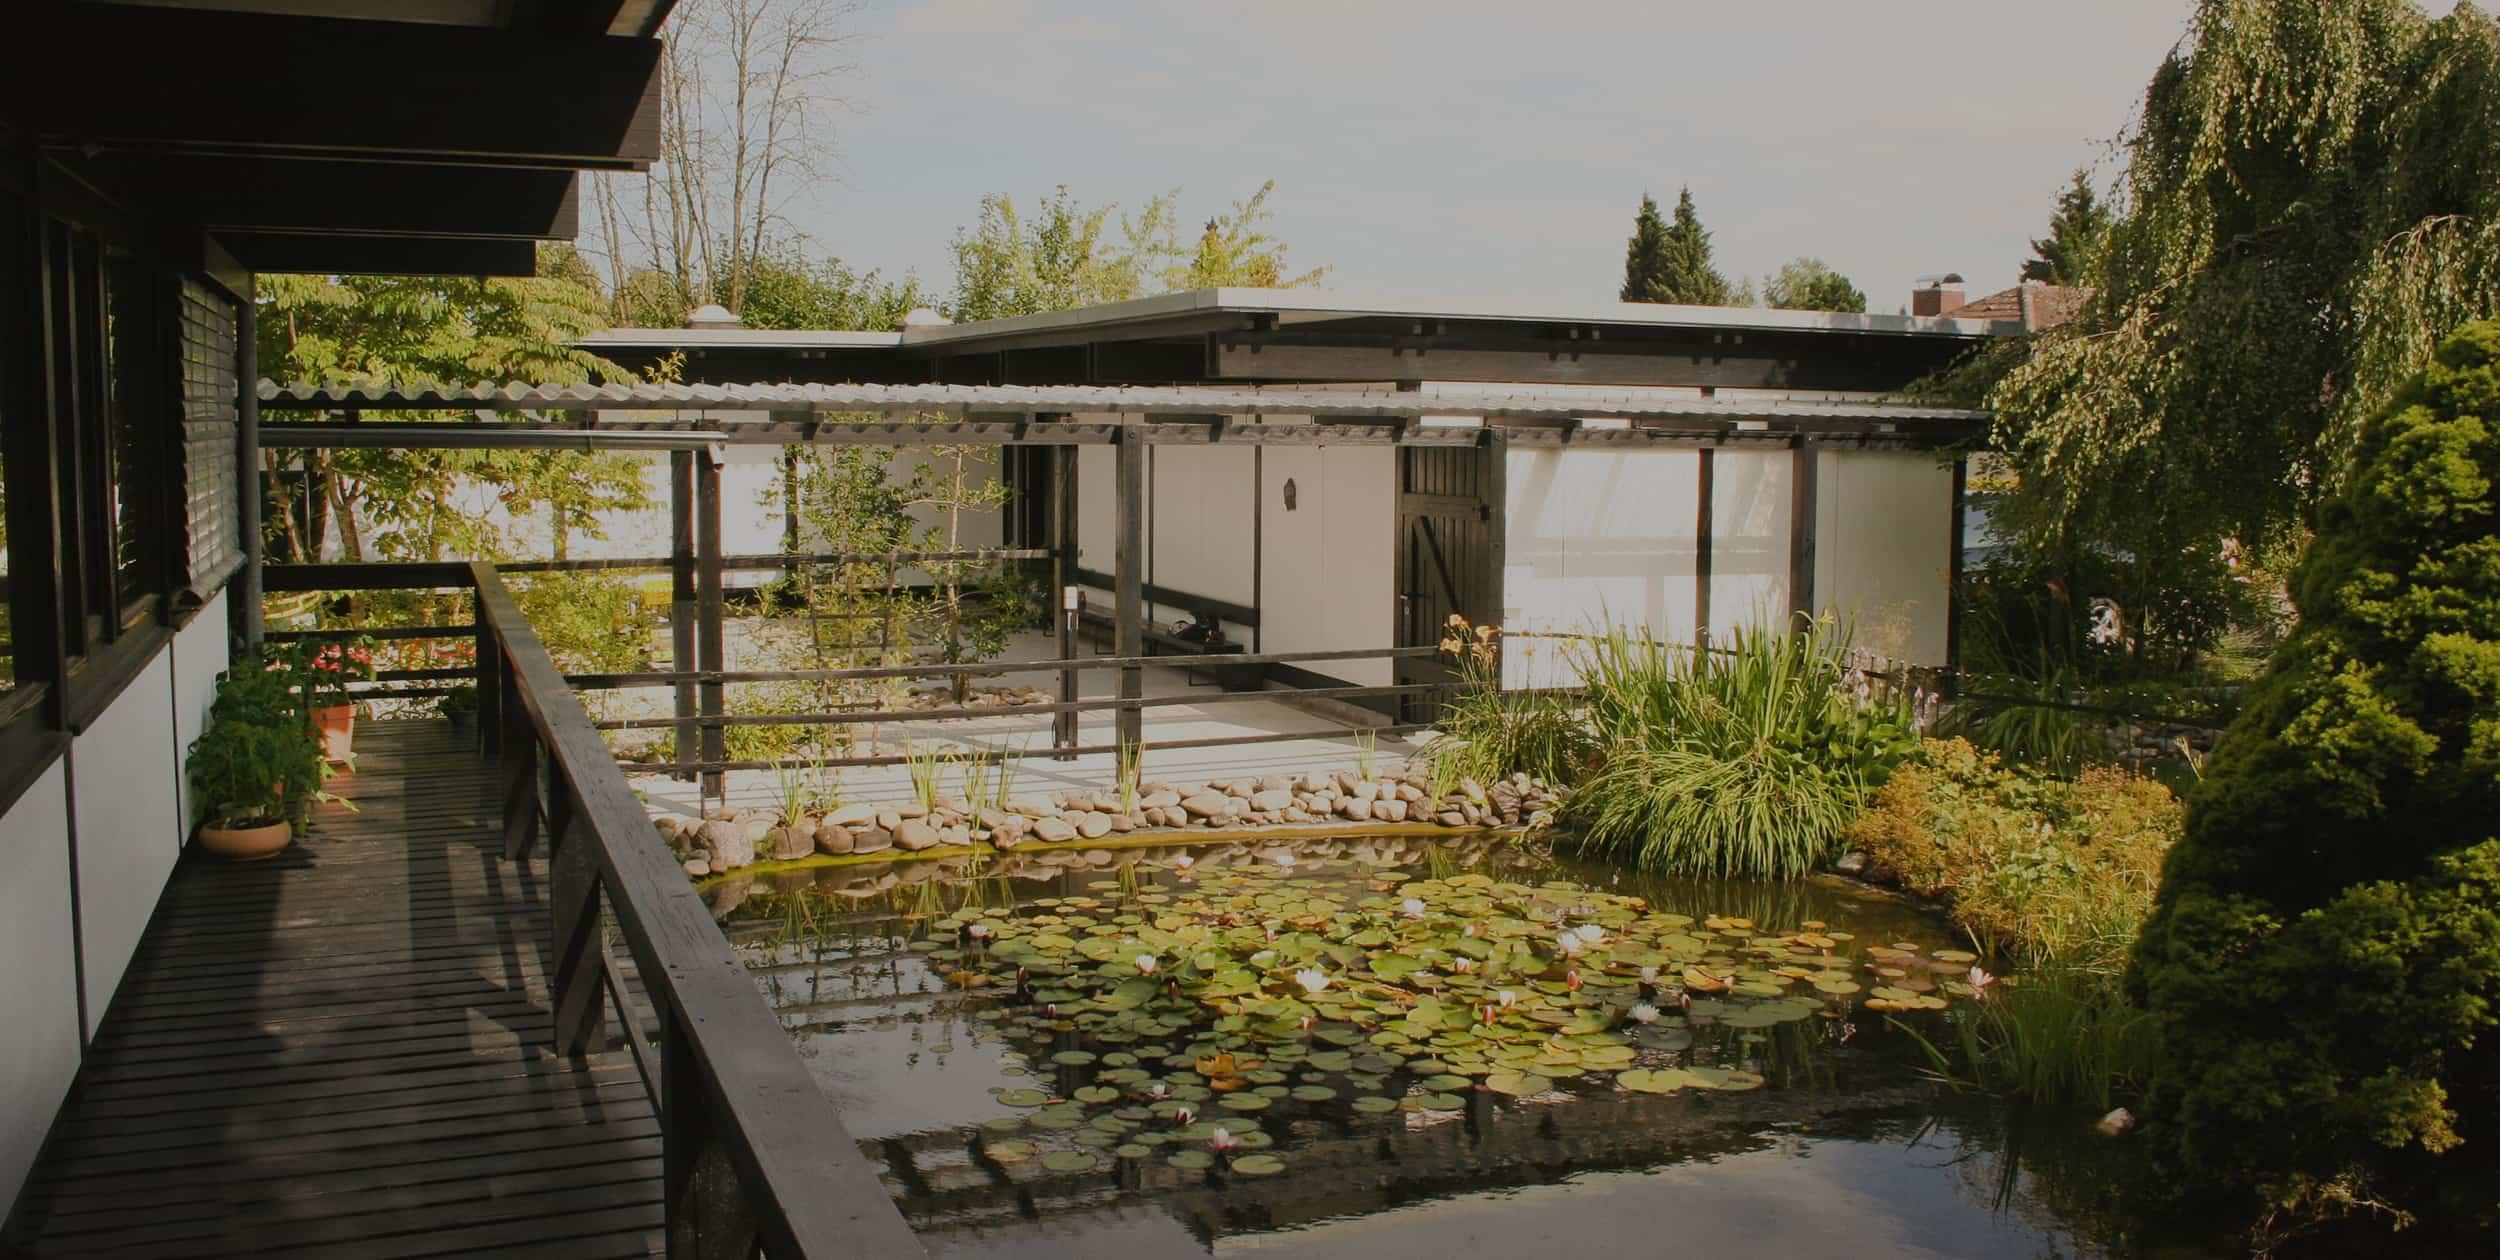 Innenhof der Agentur mit Teich